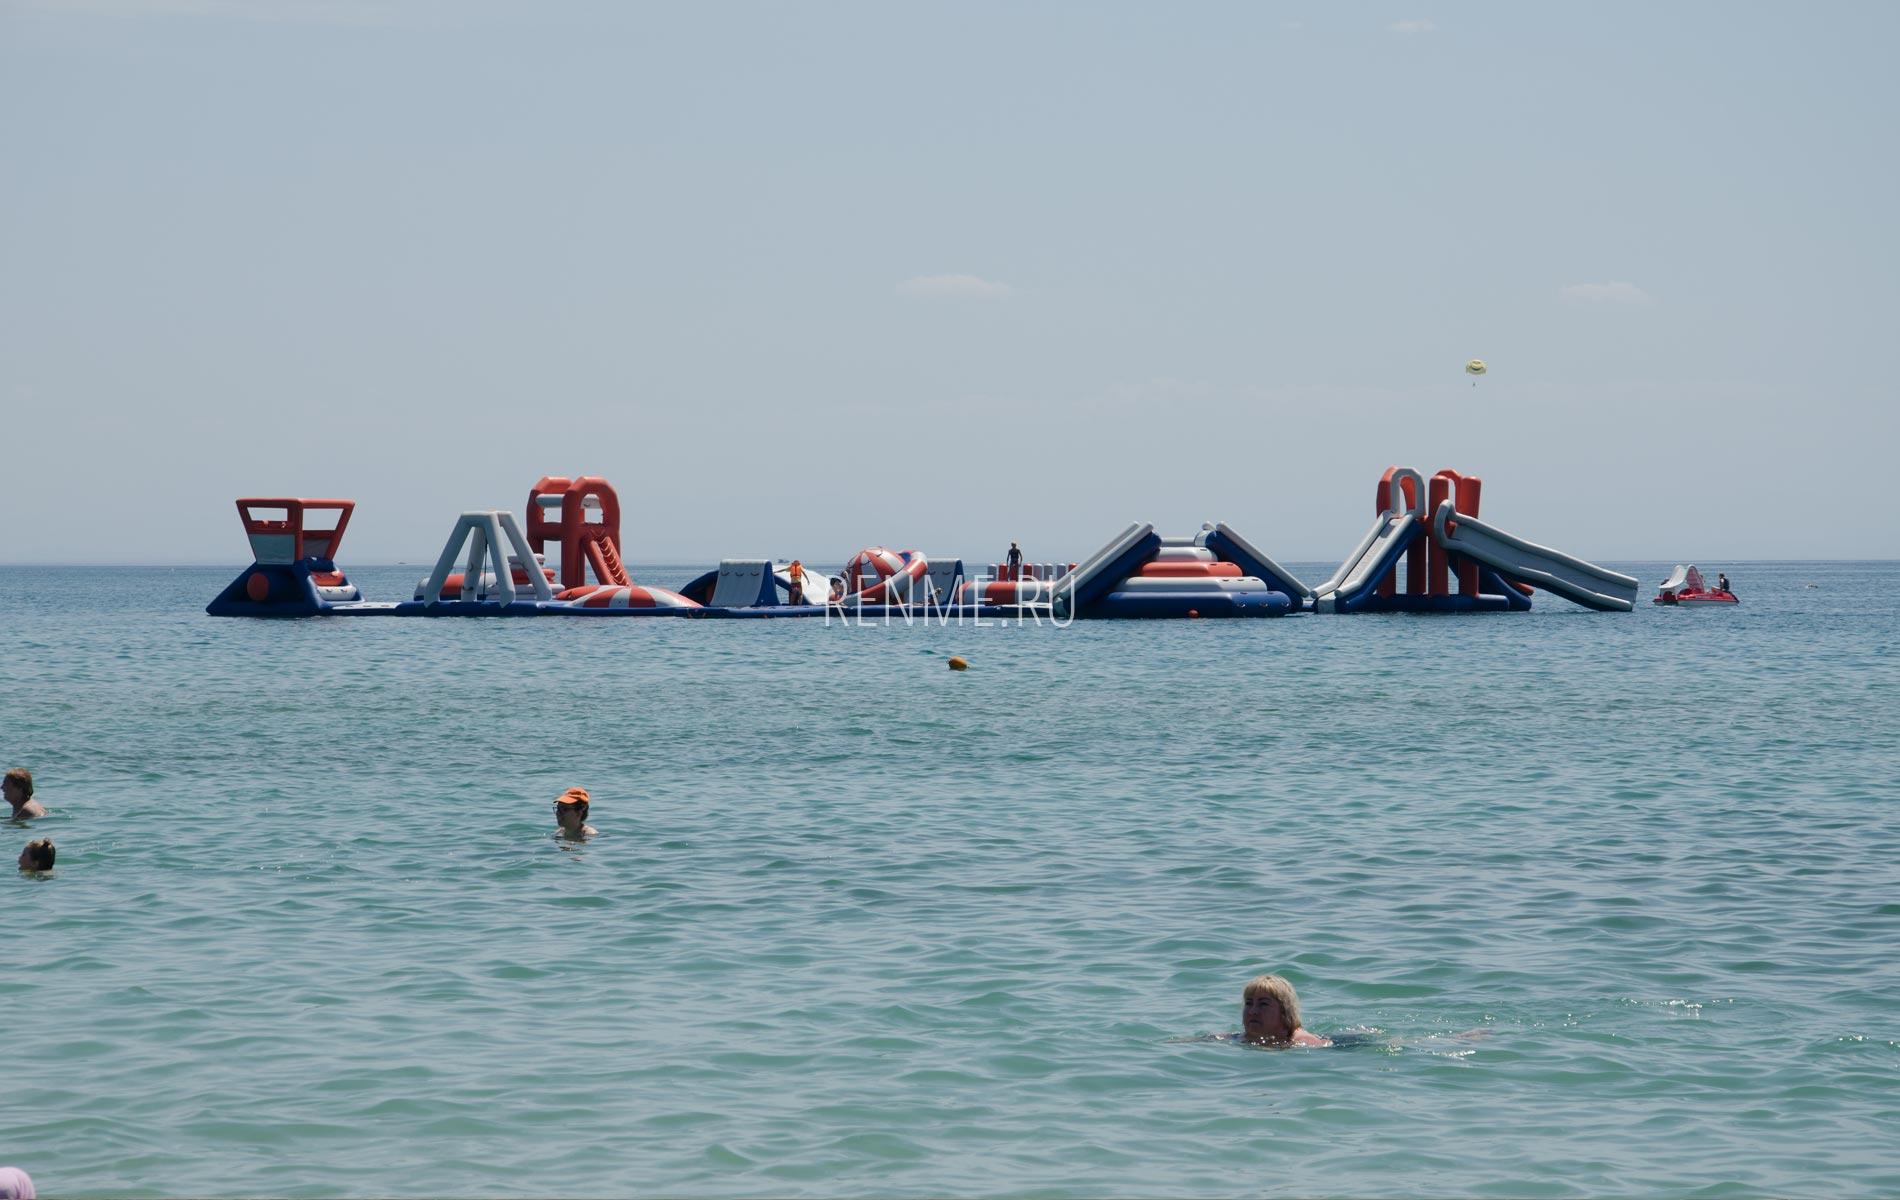 Надувной остров на пляже в Заозёрном. Фото Заозёрного